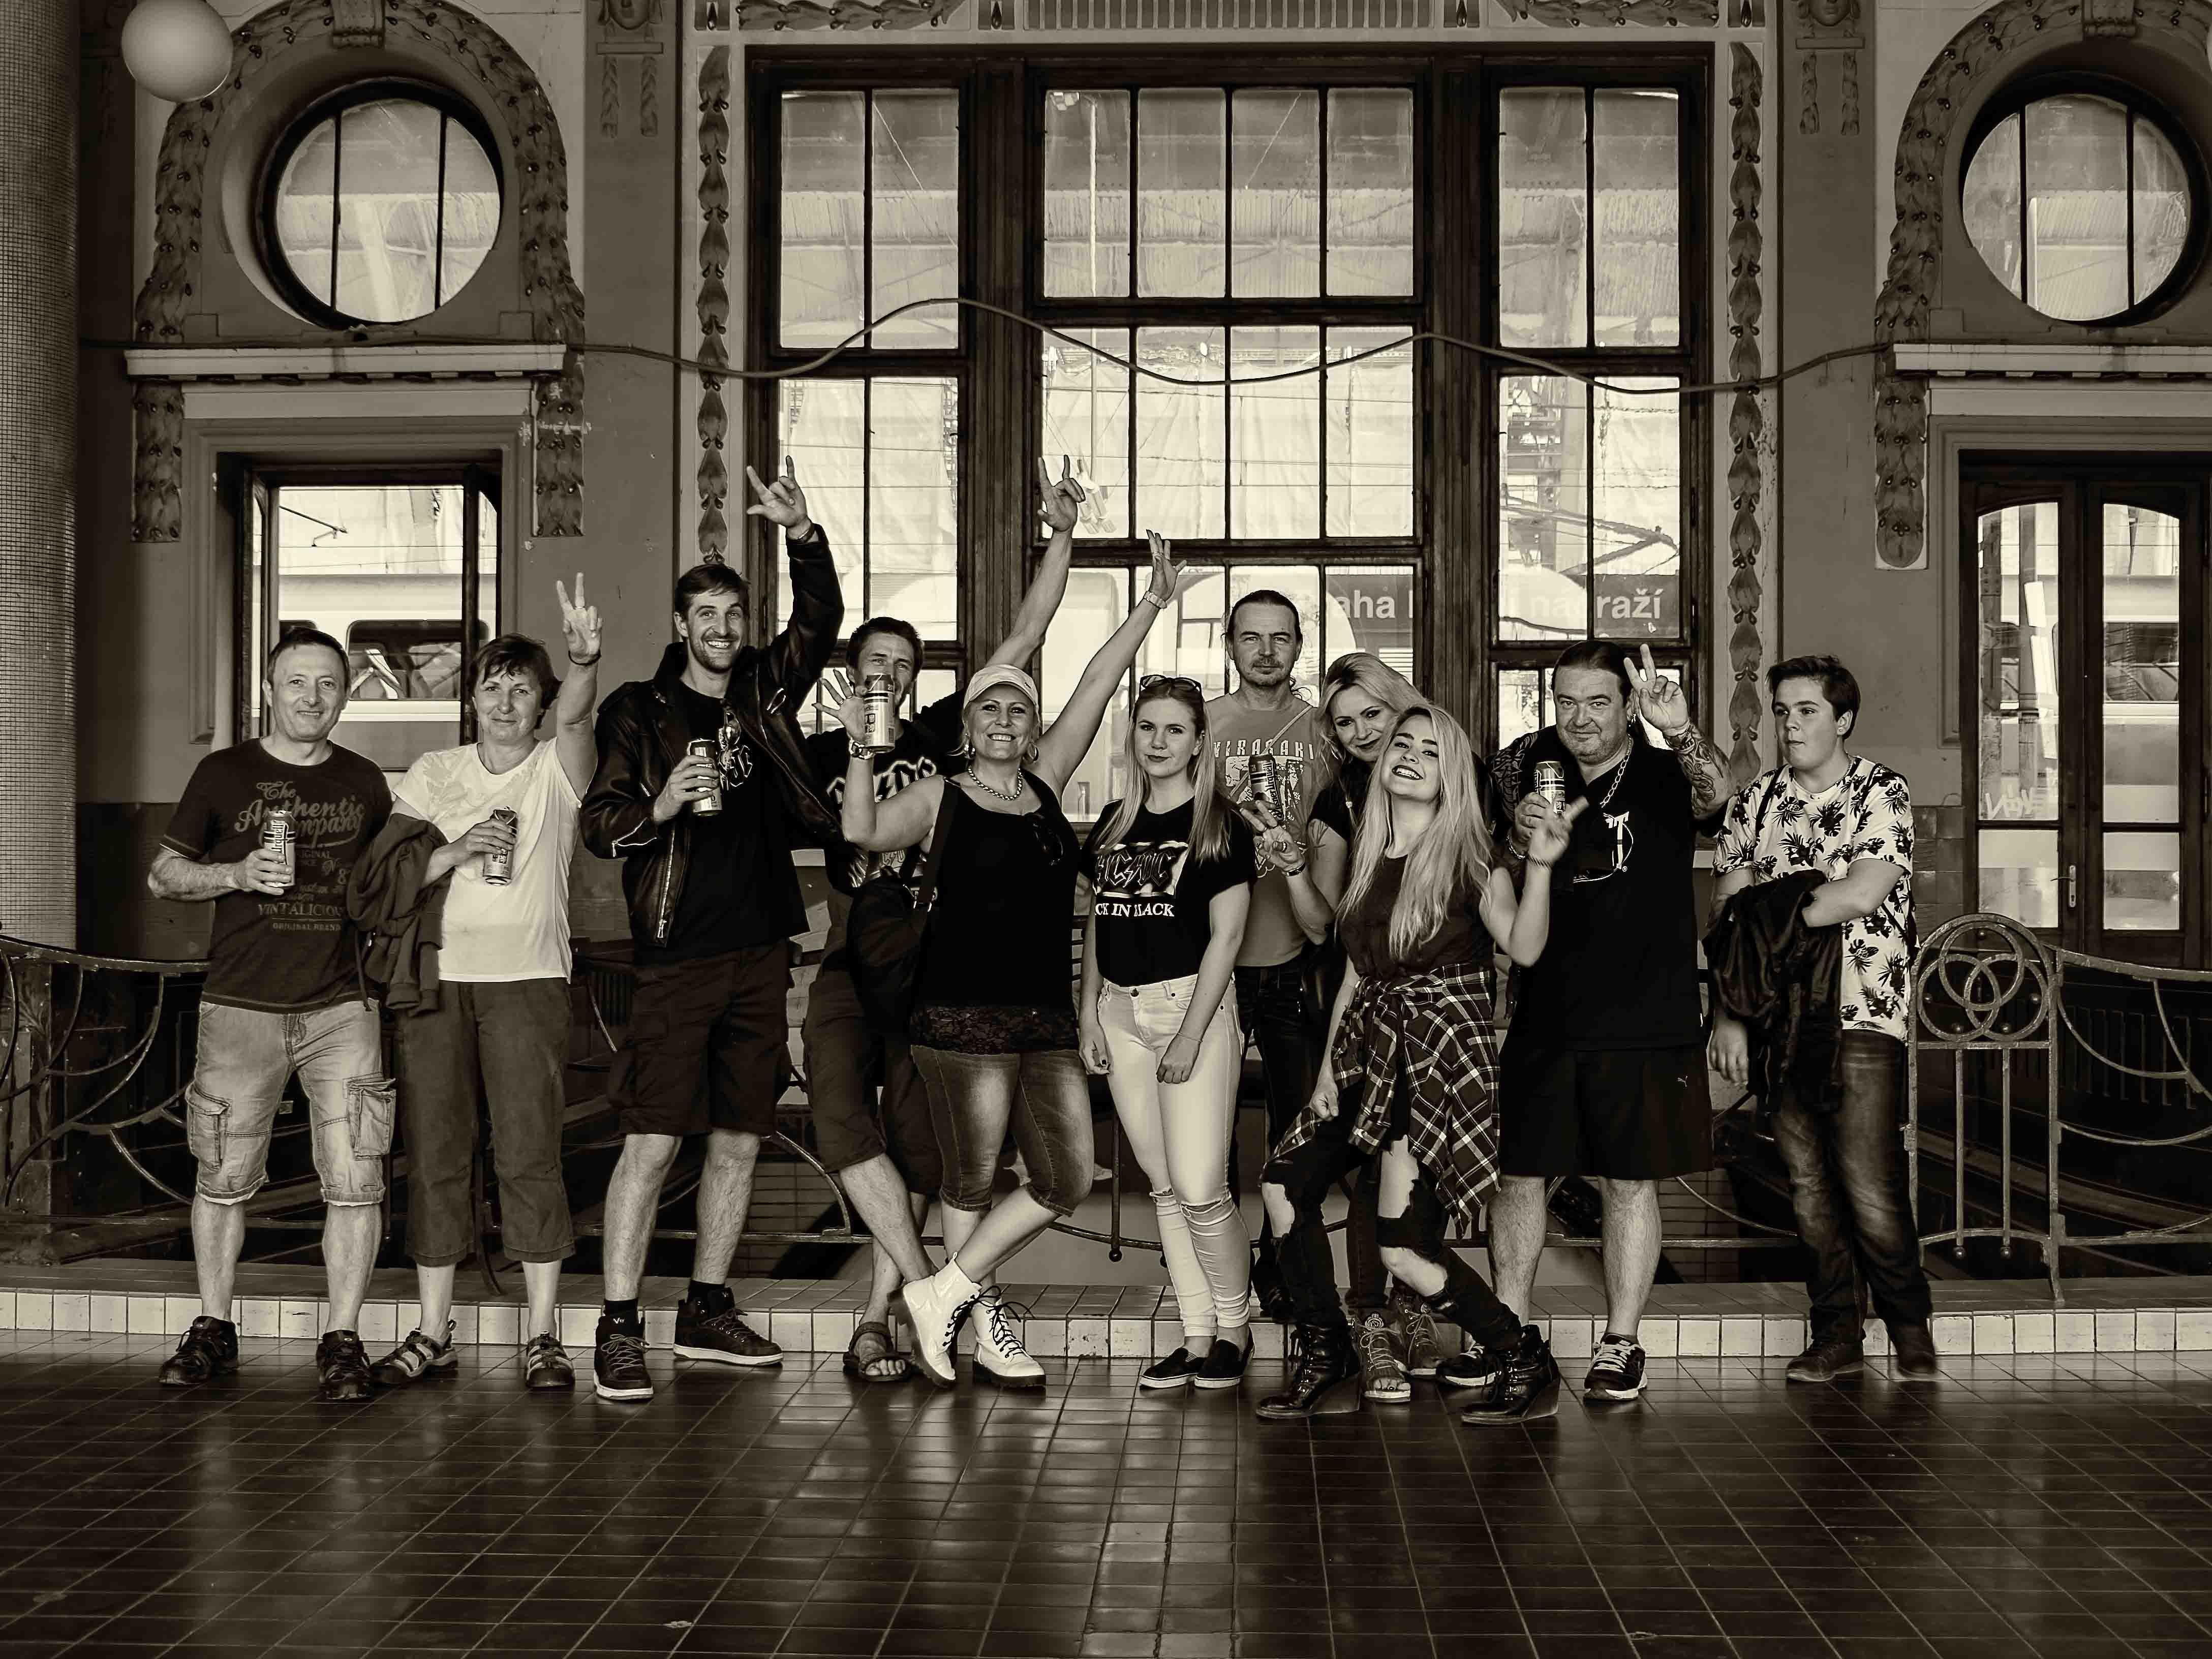 Černobílá dokumentární fotografie příjezd fanoušků AC/DC na hlavním nádraží v Praze od Jan Stojan Photography ©